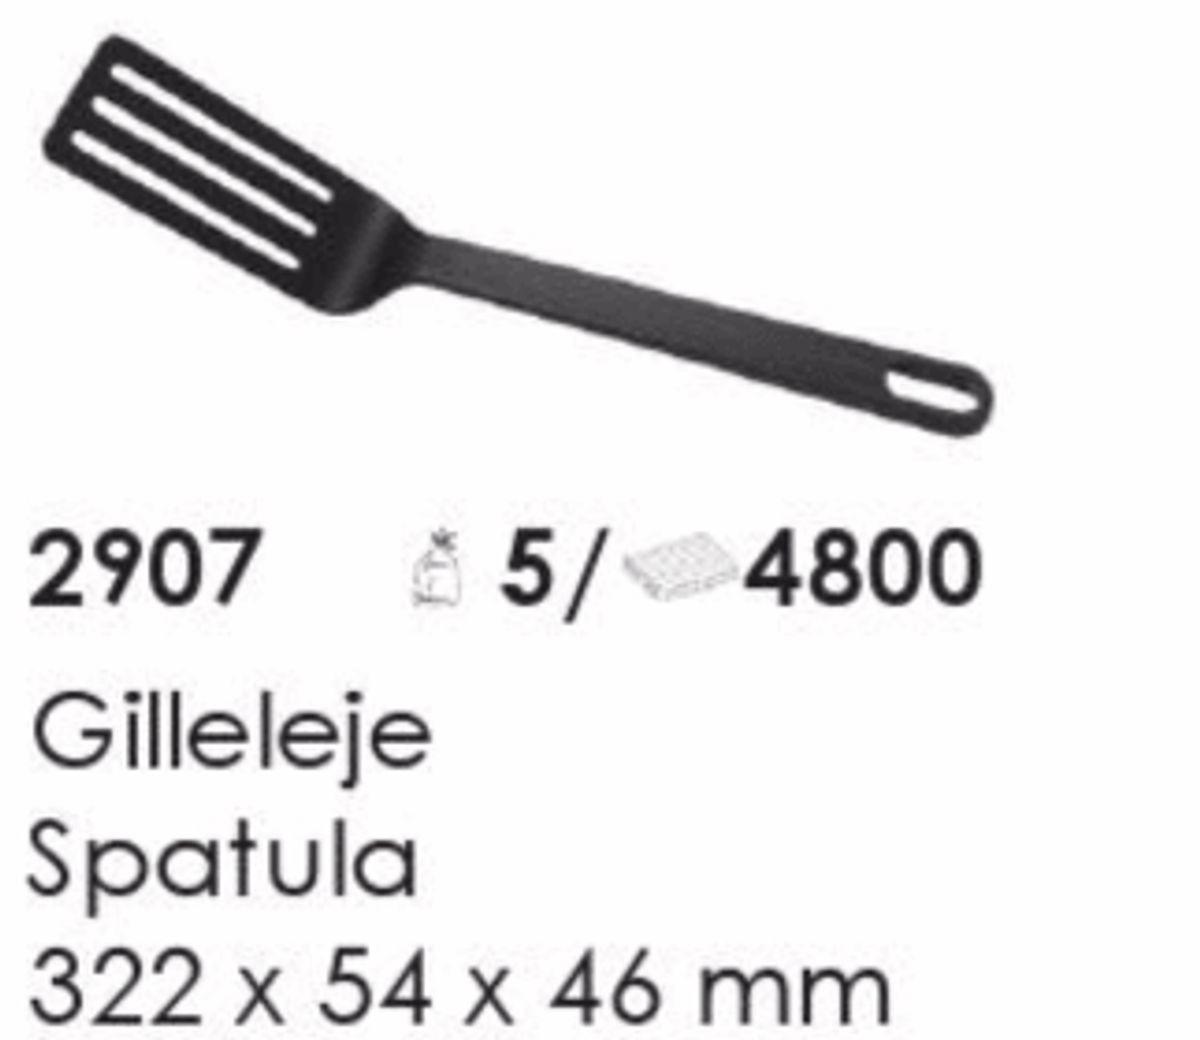 Gilleleje Spatula, artikel nr. 2907 (Spatel) Foto: Screenshot fra katalog fra Plast Team A/S.